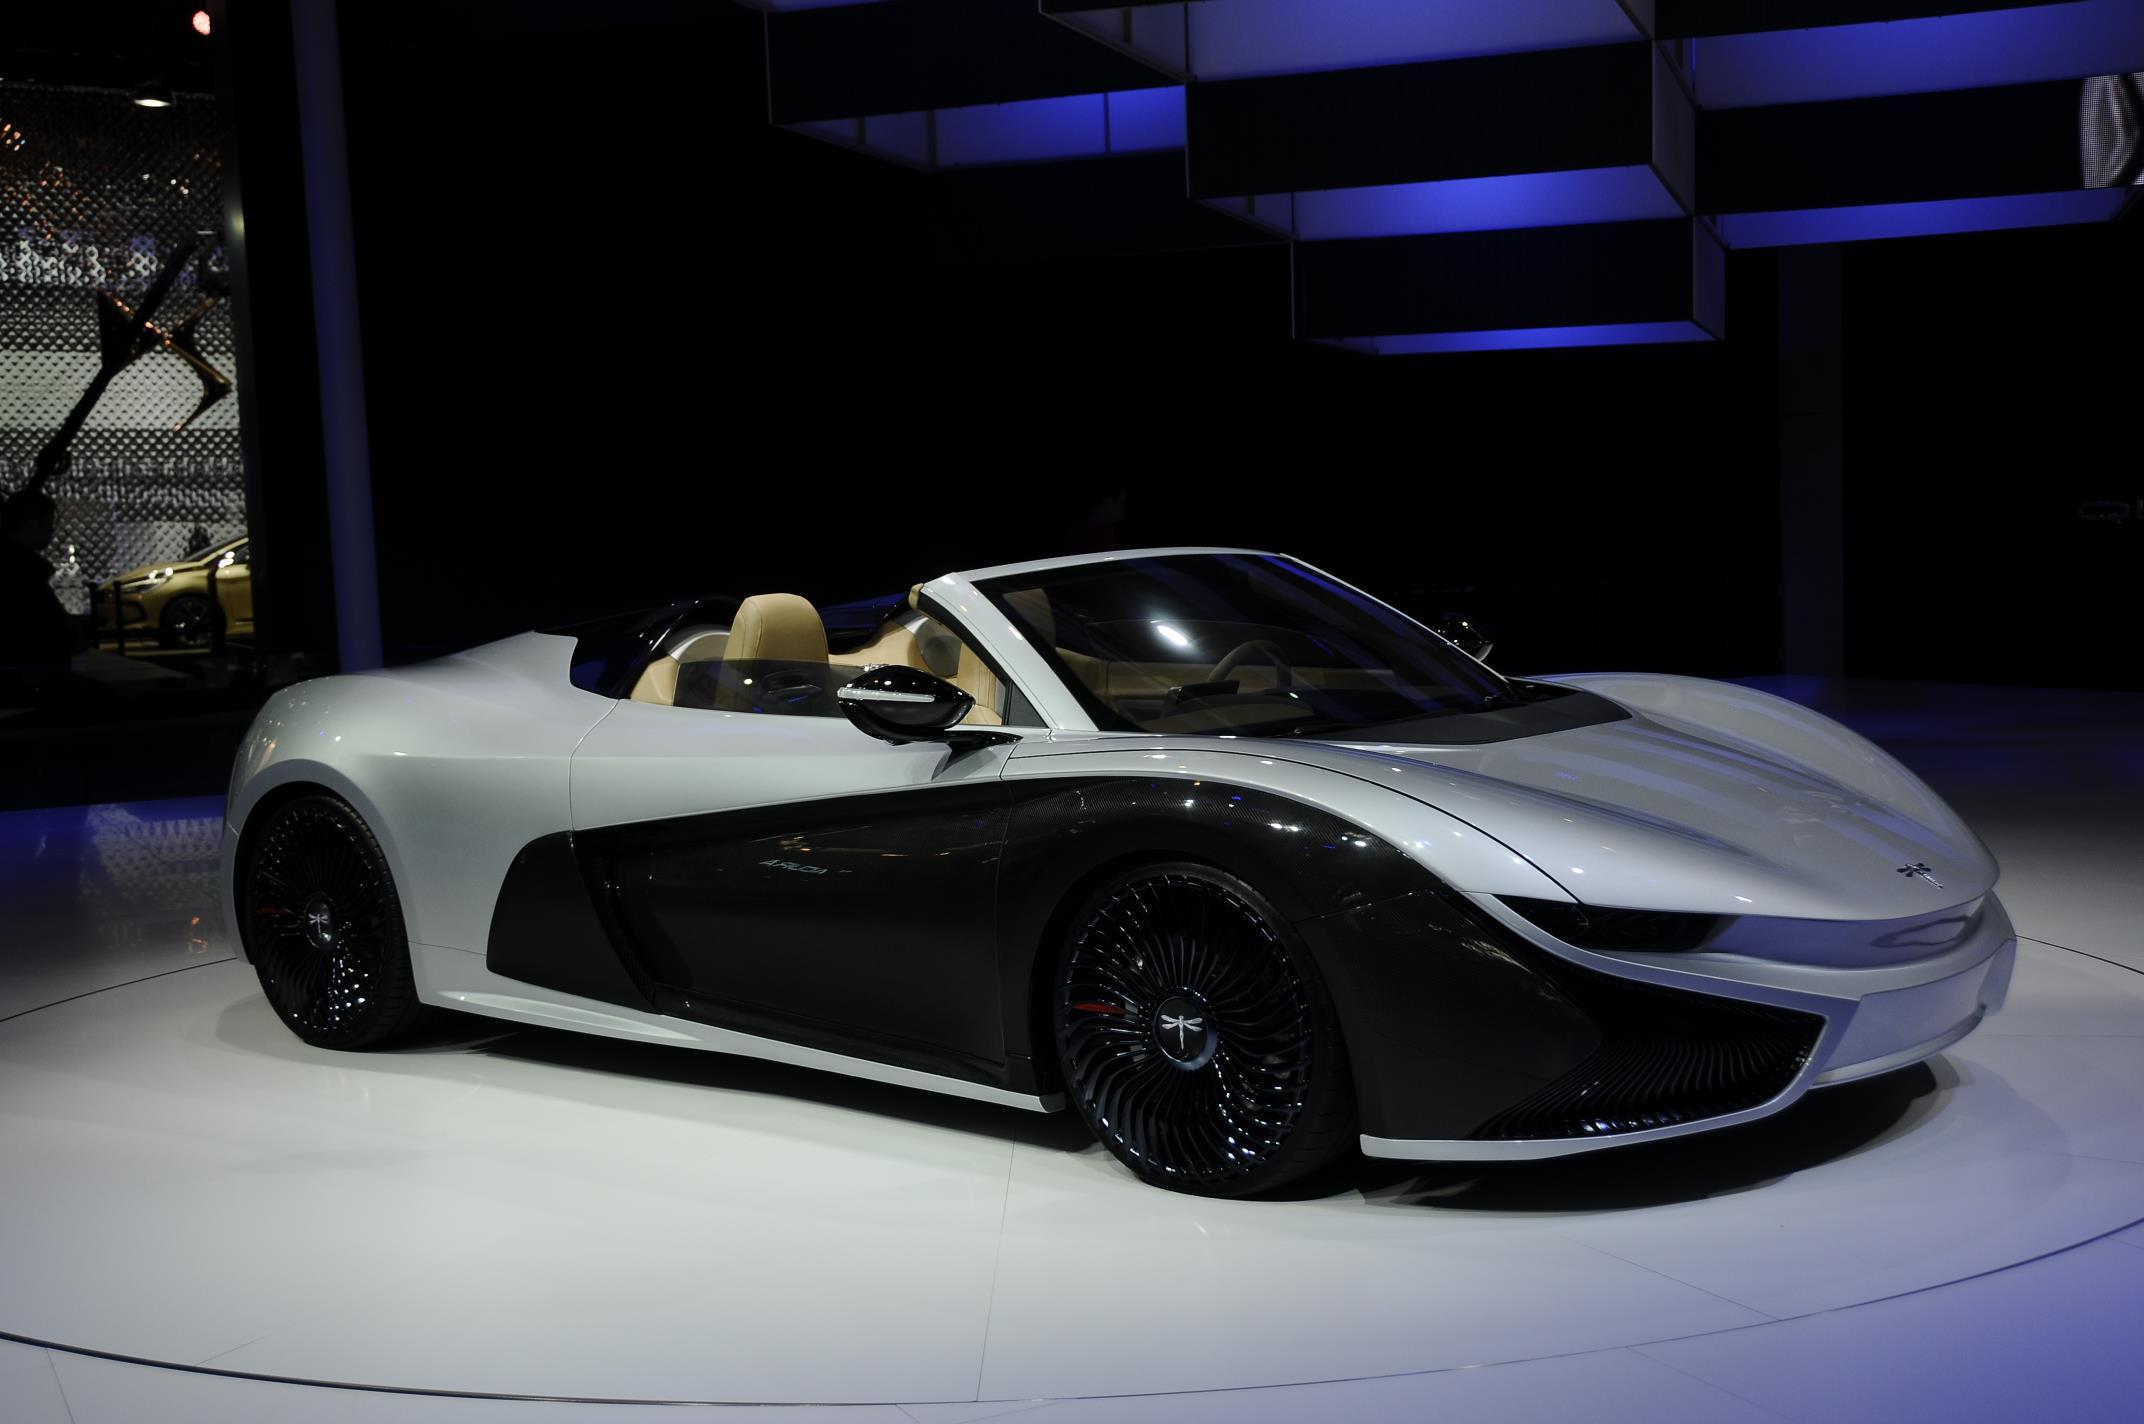 2016 Delhi Auto Expo Top 10 Concept Cars: Top 10 Concept Cars At Beijing Auto Show 2016